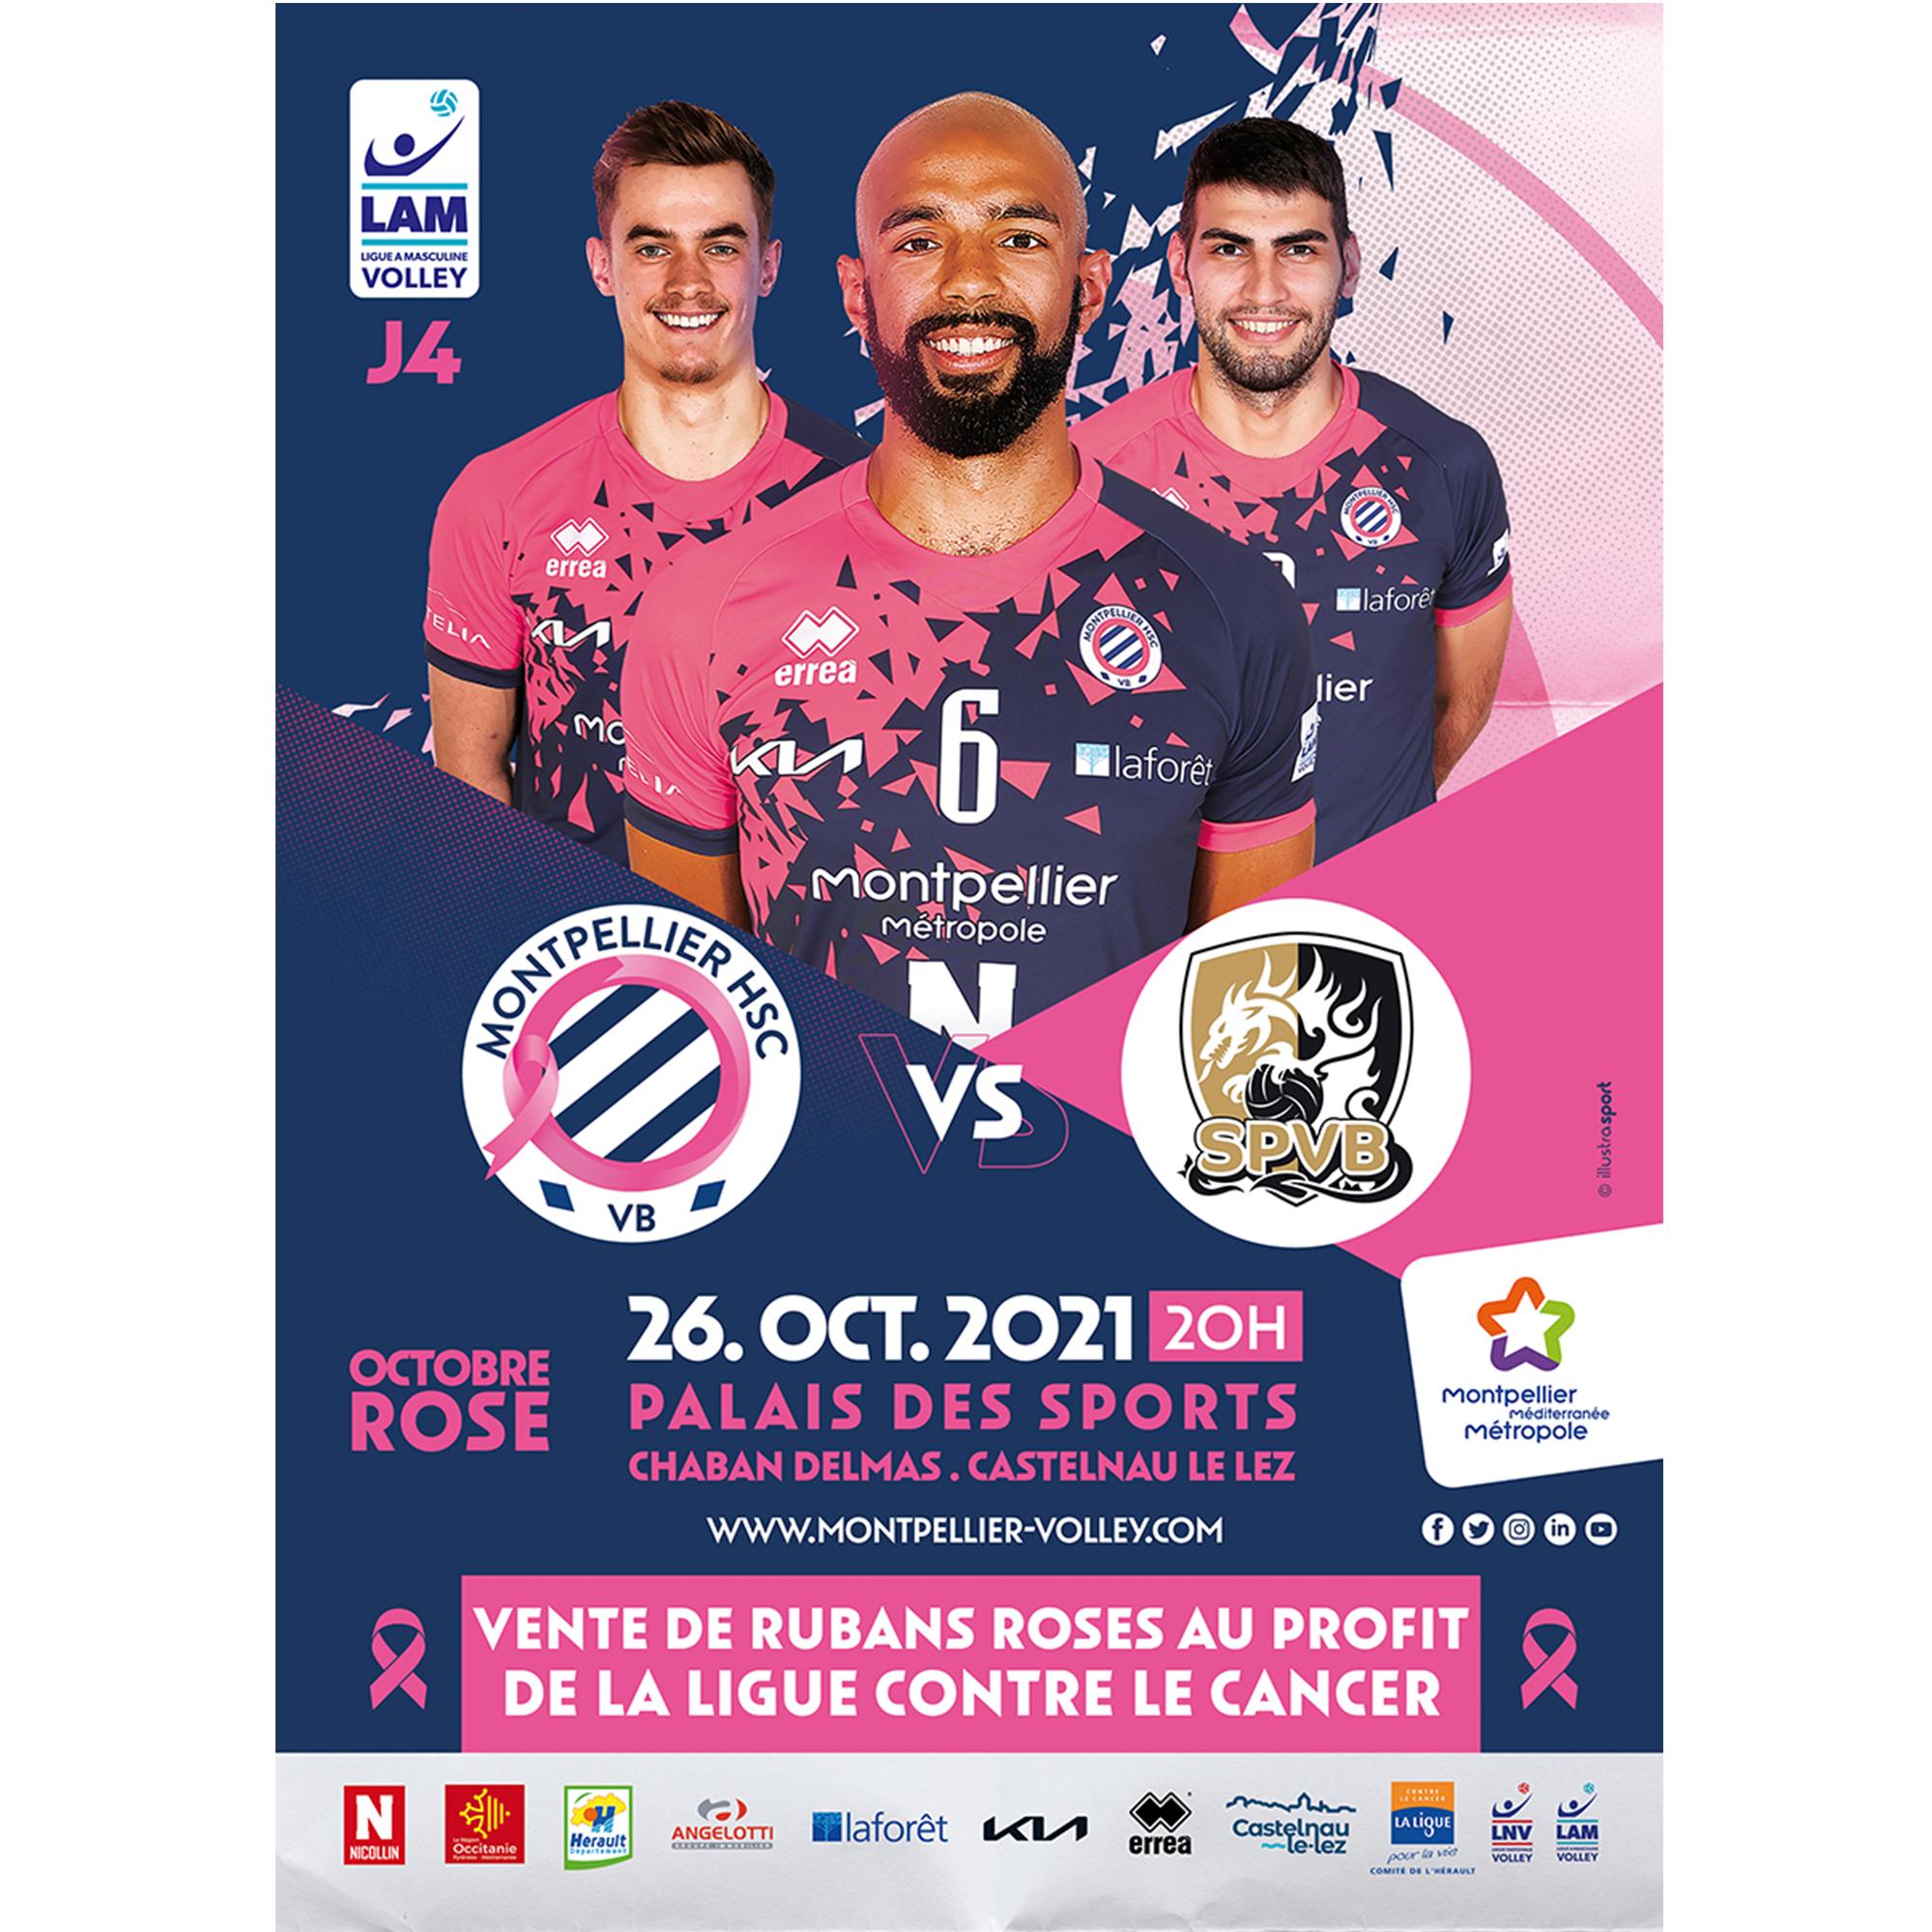 Soutenez l'équipe de volley et octobre rose !